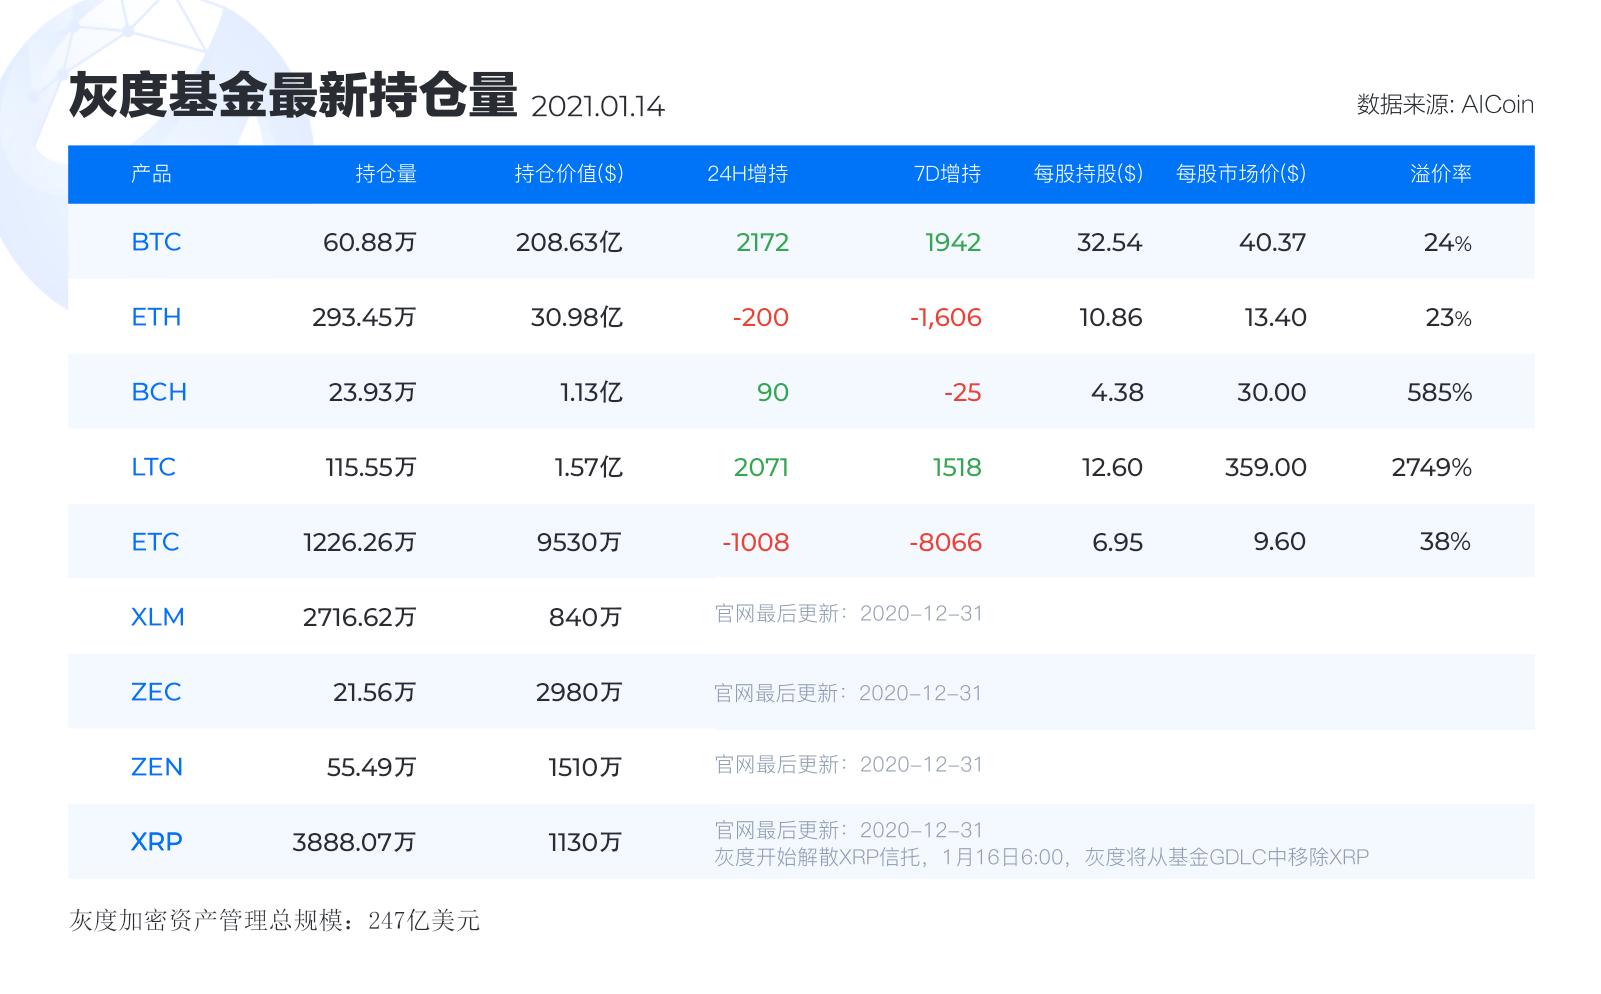 灰度基金最新持仓丨1月14日_aicoin_图1